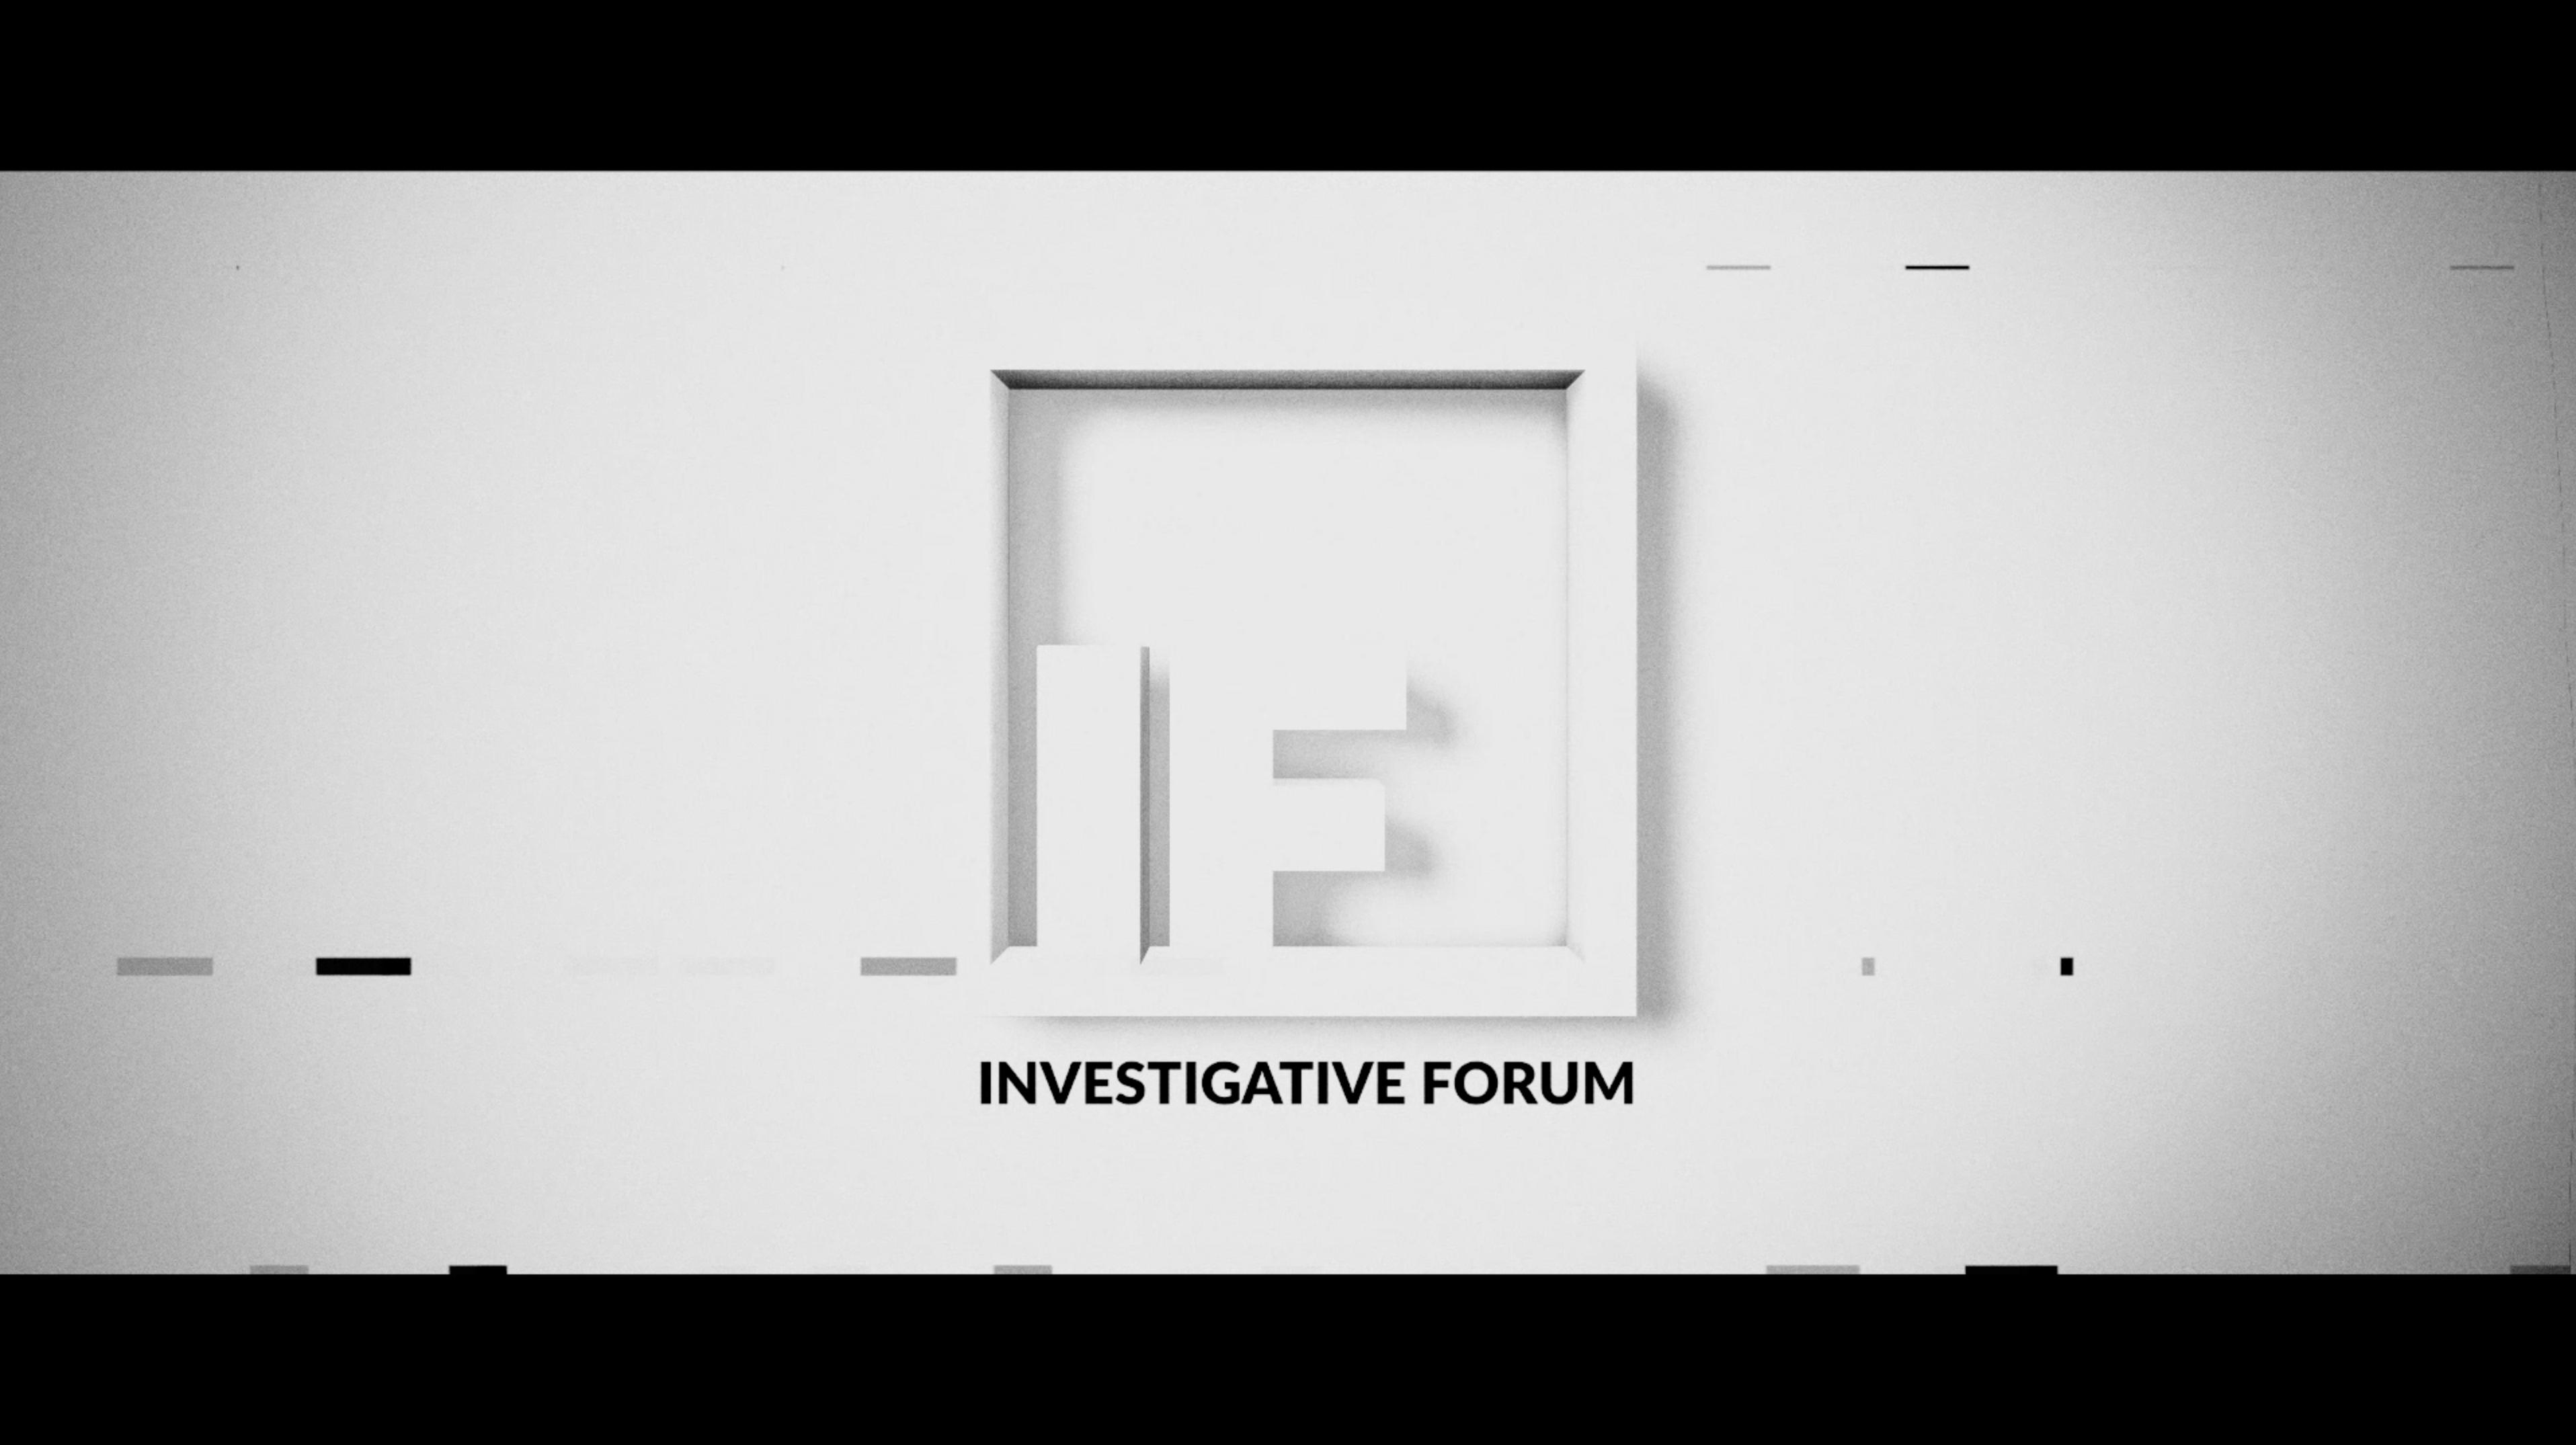 Investigative Forum – BTC LABS